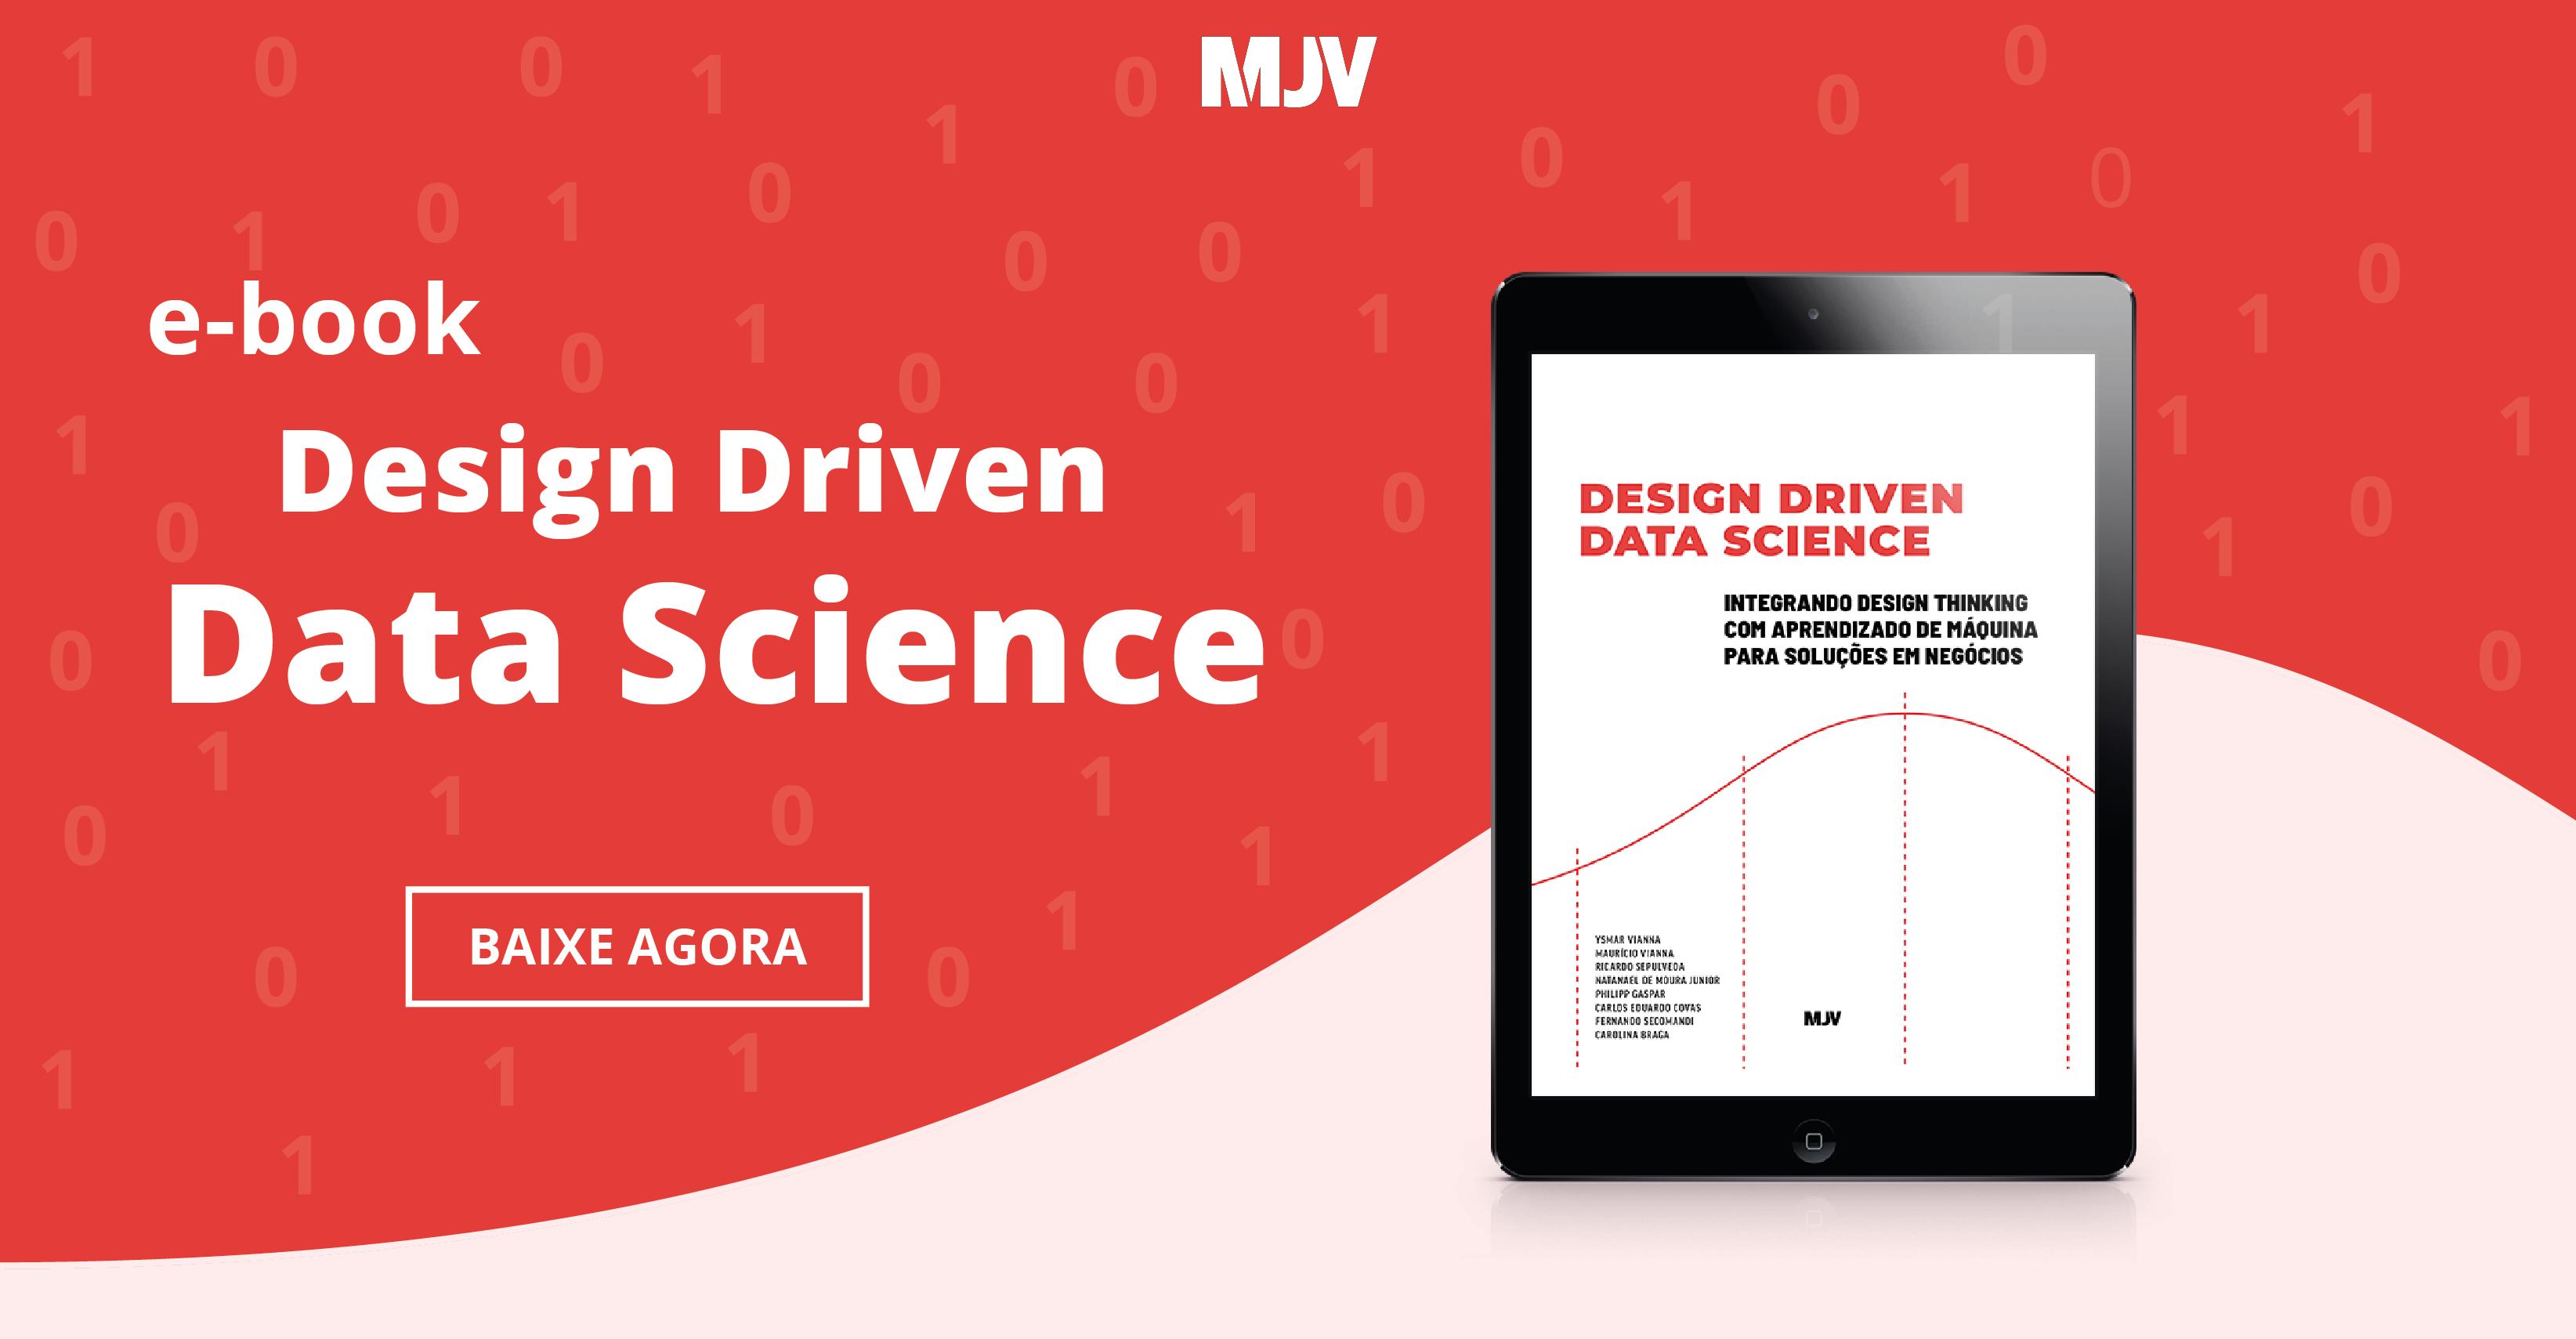 Acesso ao Ebook Design Driven Data Science